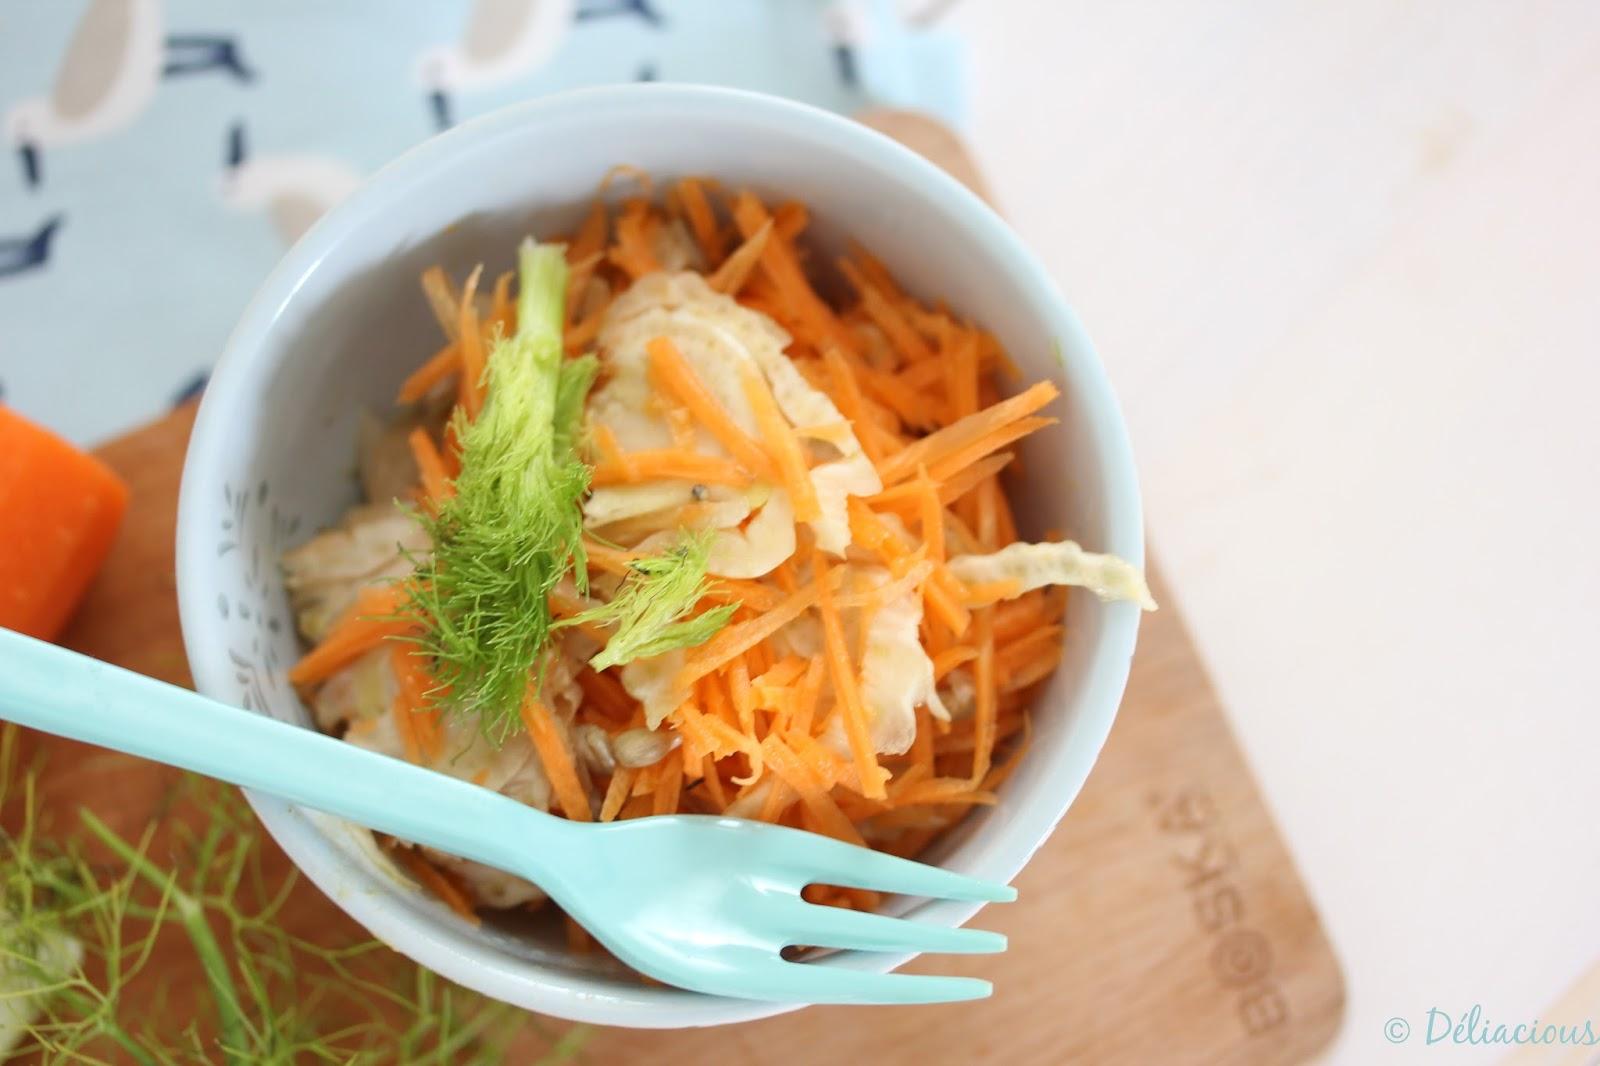 salade de cru fenouil et carottes avec leur vinaigrette l 39 orange deliacious. Black Bedroom Furniture Sets. Home Design Ideas